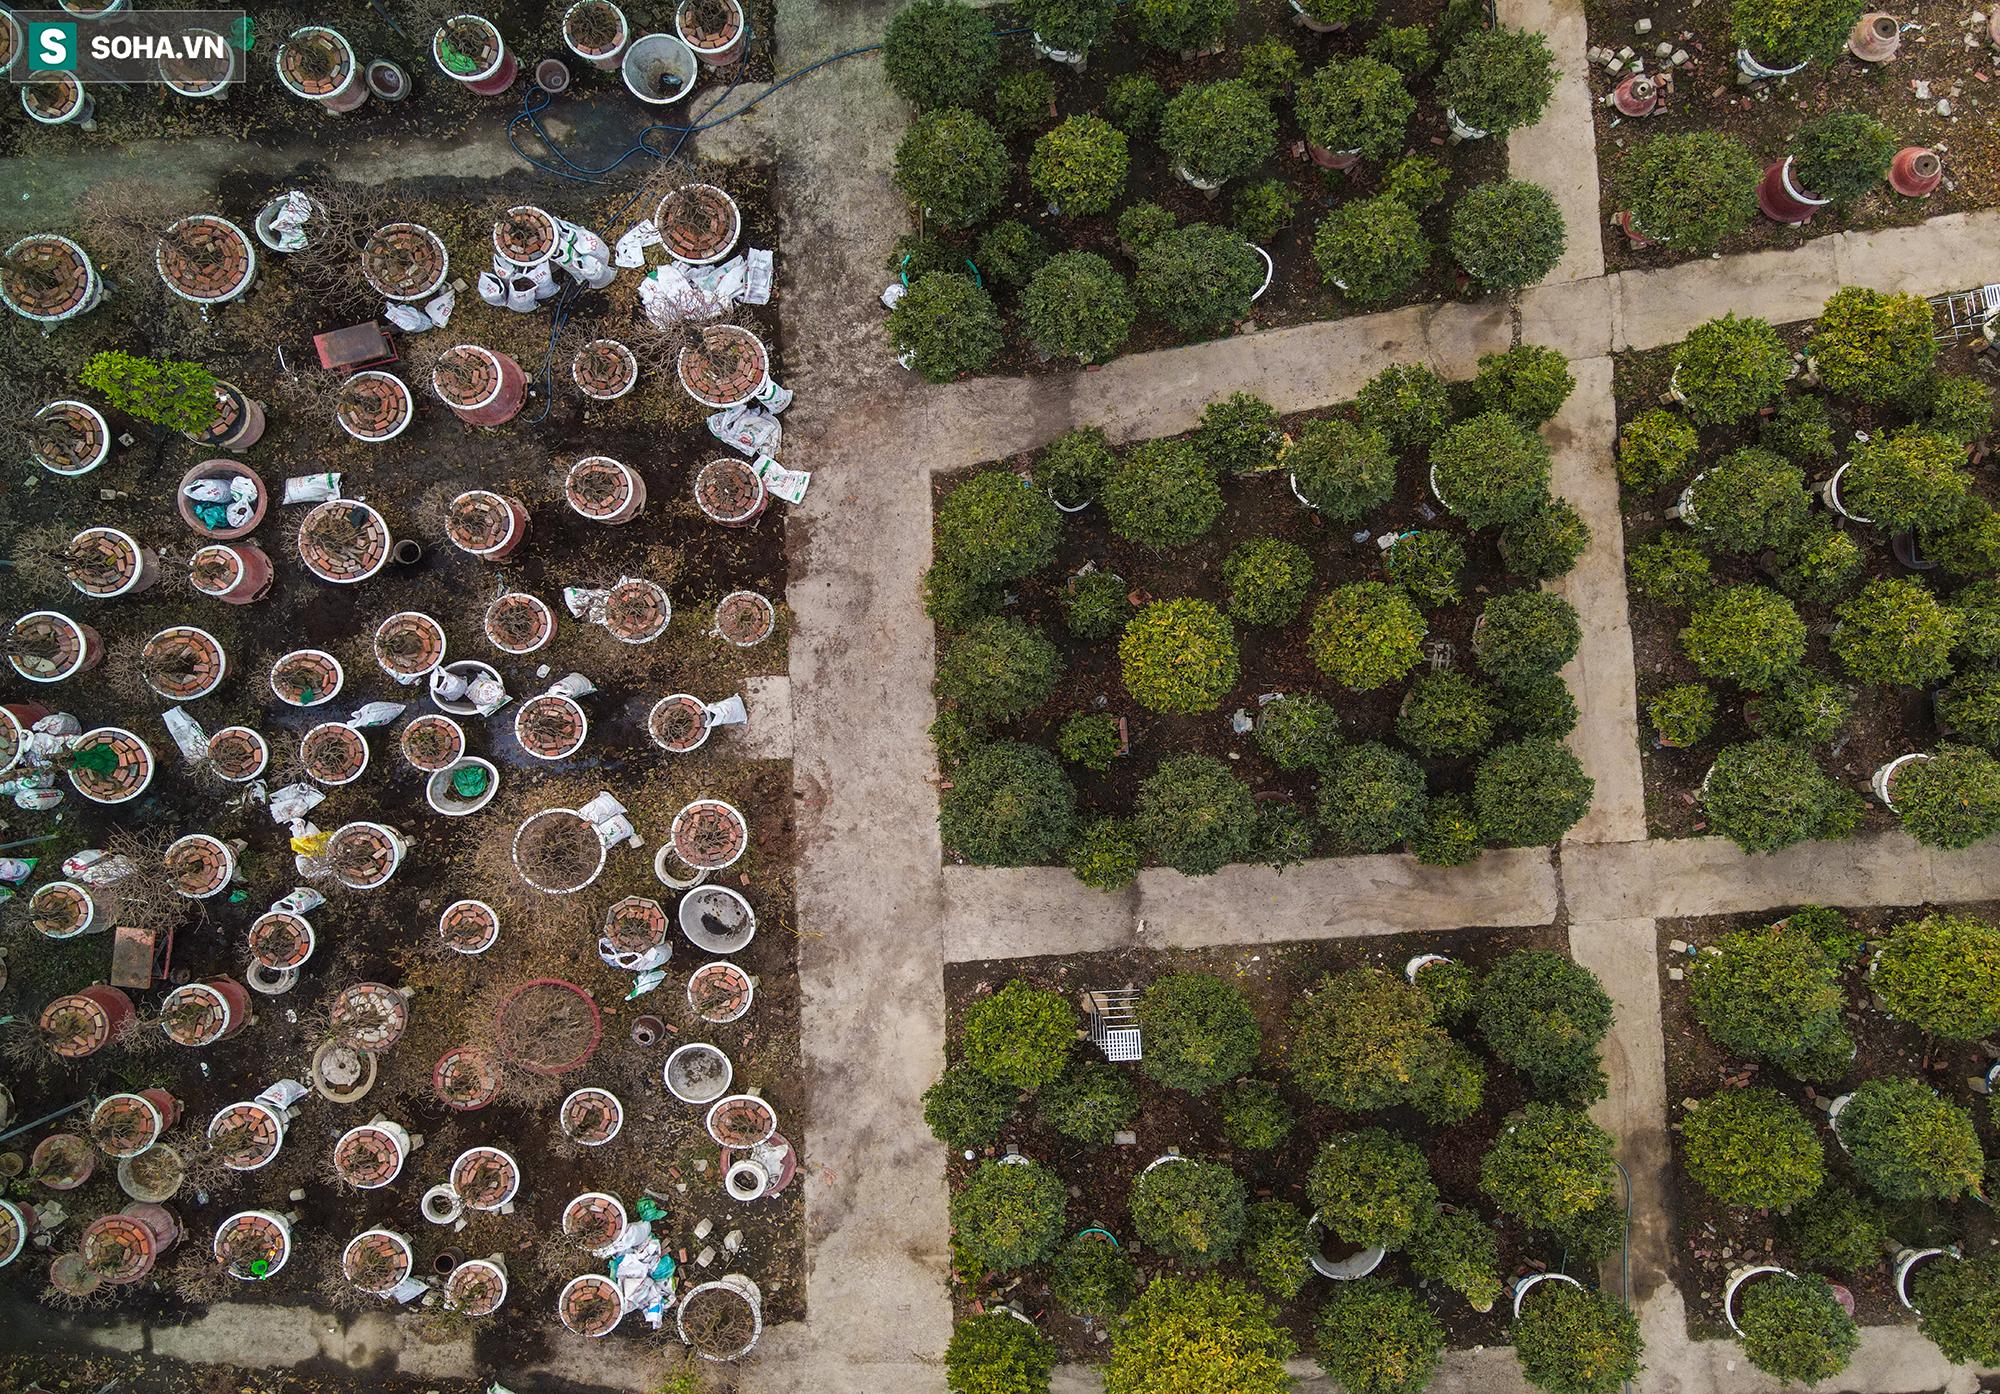 [Ảnh] Hàng nghìn cây mai nở sớm trước Tết cả tháng, chủ vườn mất trắng 15 tỷ đồng - Ảnh 7.